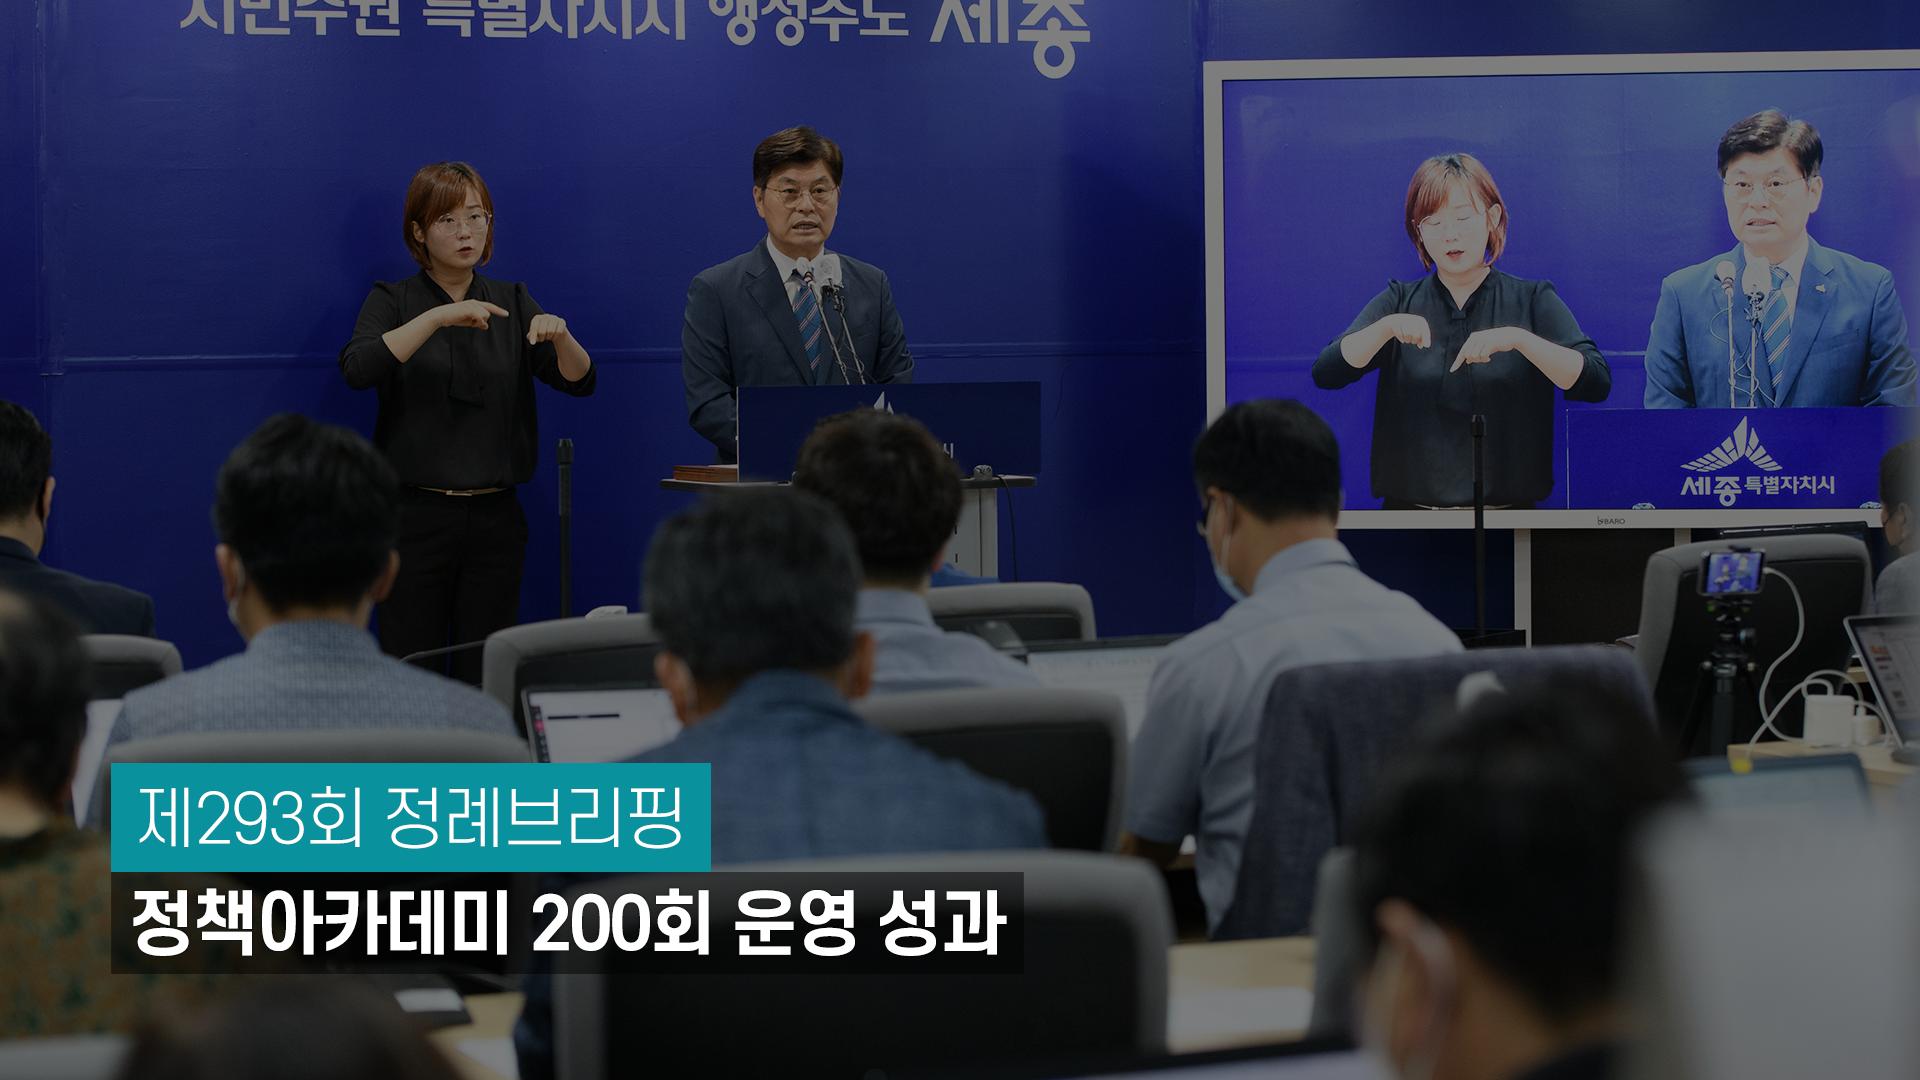 <293번째 정례브래핑> 정책아카데미 200회 운영 성과